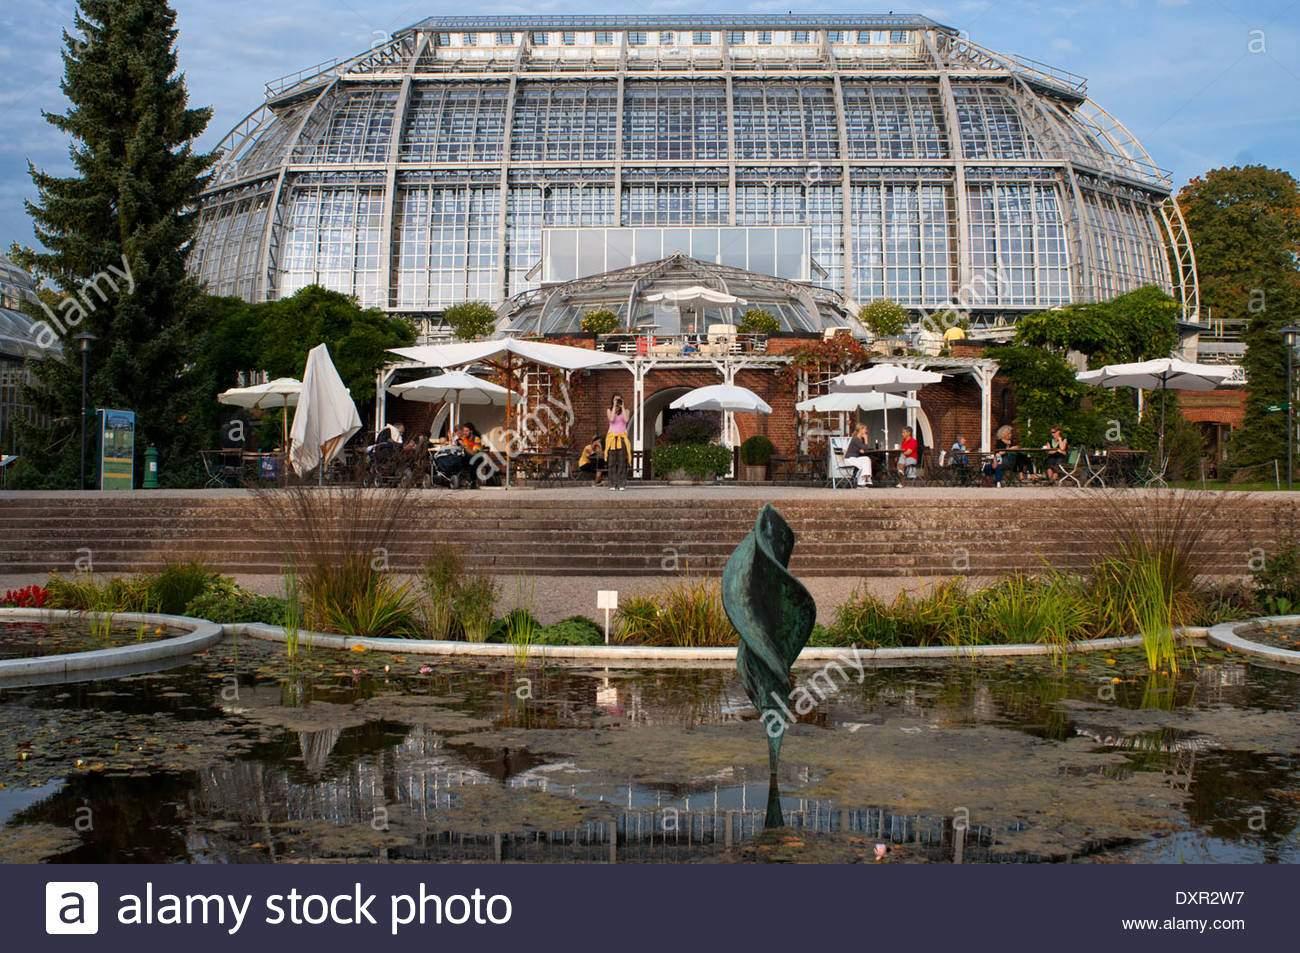 botanischer garten berlin mit mehr als 43 hektar der grosste botanische garten europas wichtigsten tropischen gewachshaus berlin dxr2w7